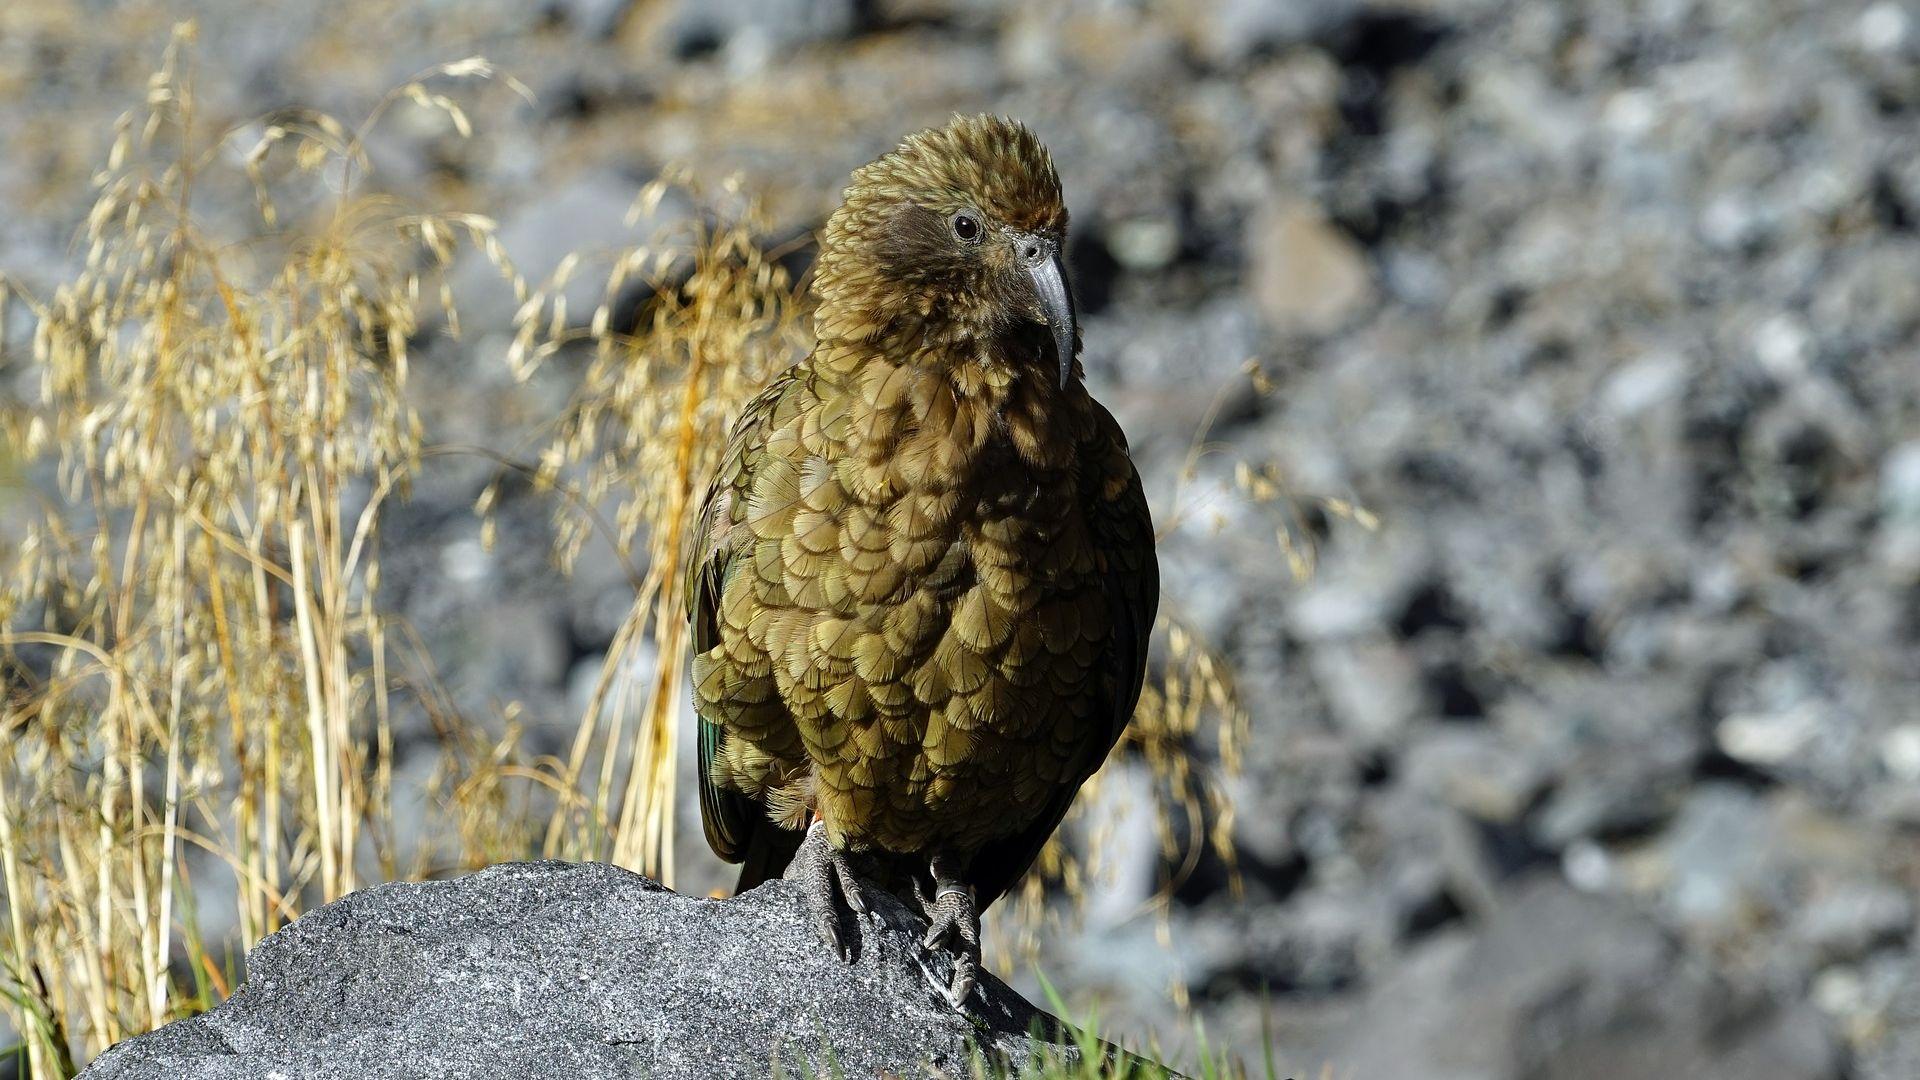 Wallpaper Kea bird, green parrot bird